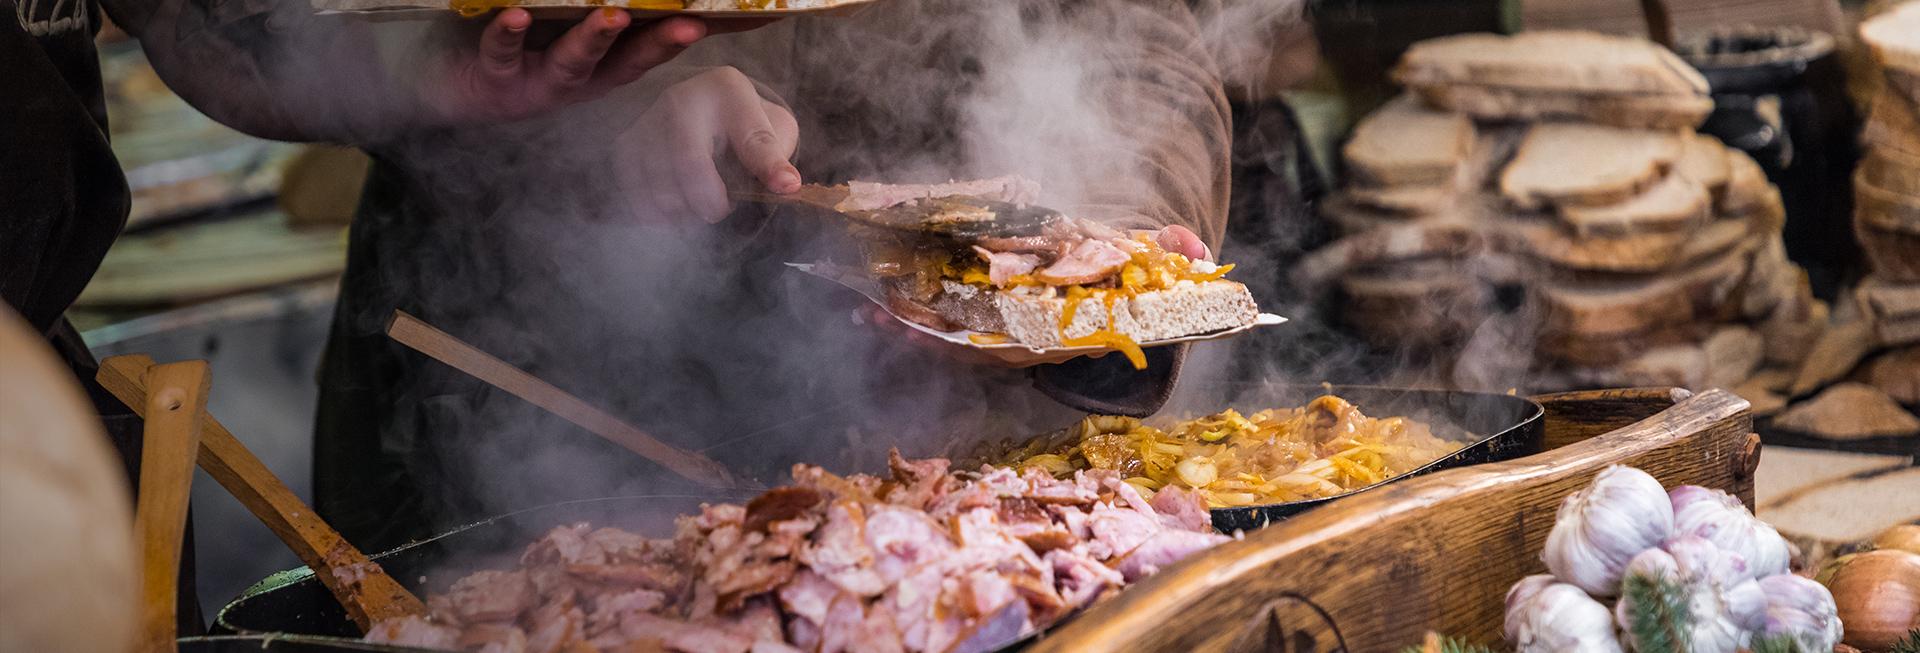 Biesiada mazurska, podczas której dwie osoby nakładają na chleb porcję pieczonego mięsa, cebuli i duszonych warzyw. Obok gorących patelni na stole znajdują się porcje chleba, masła oraz ząbki czosnku.